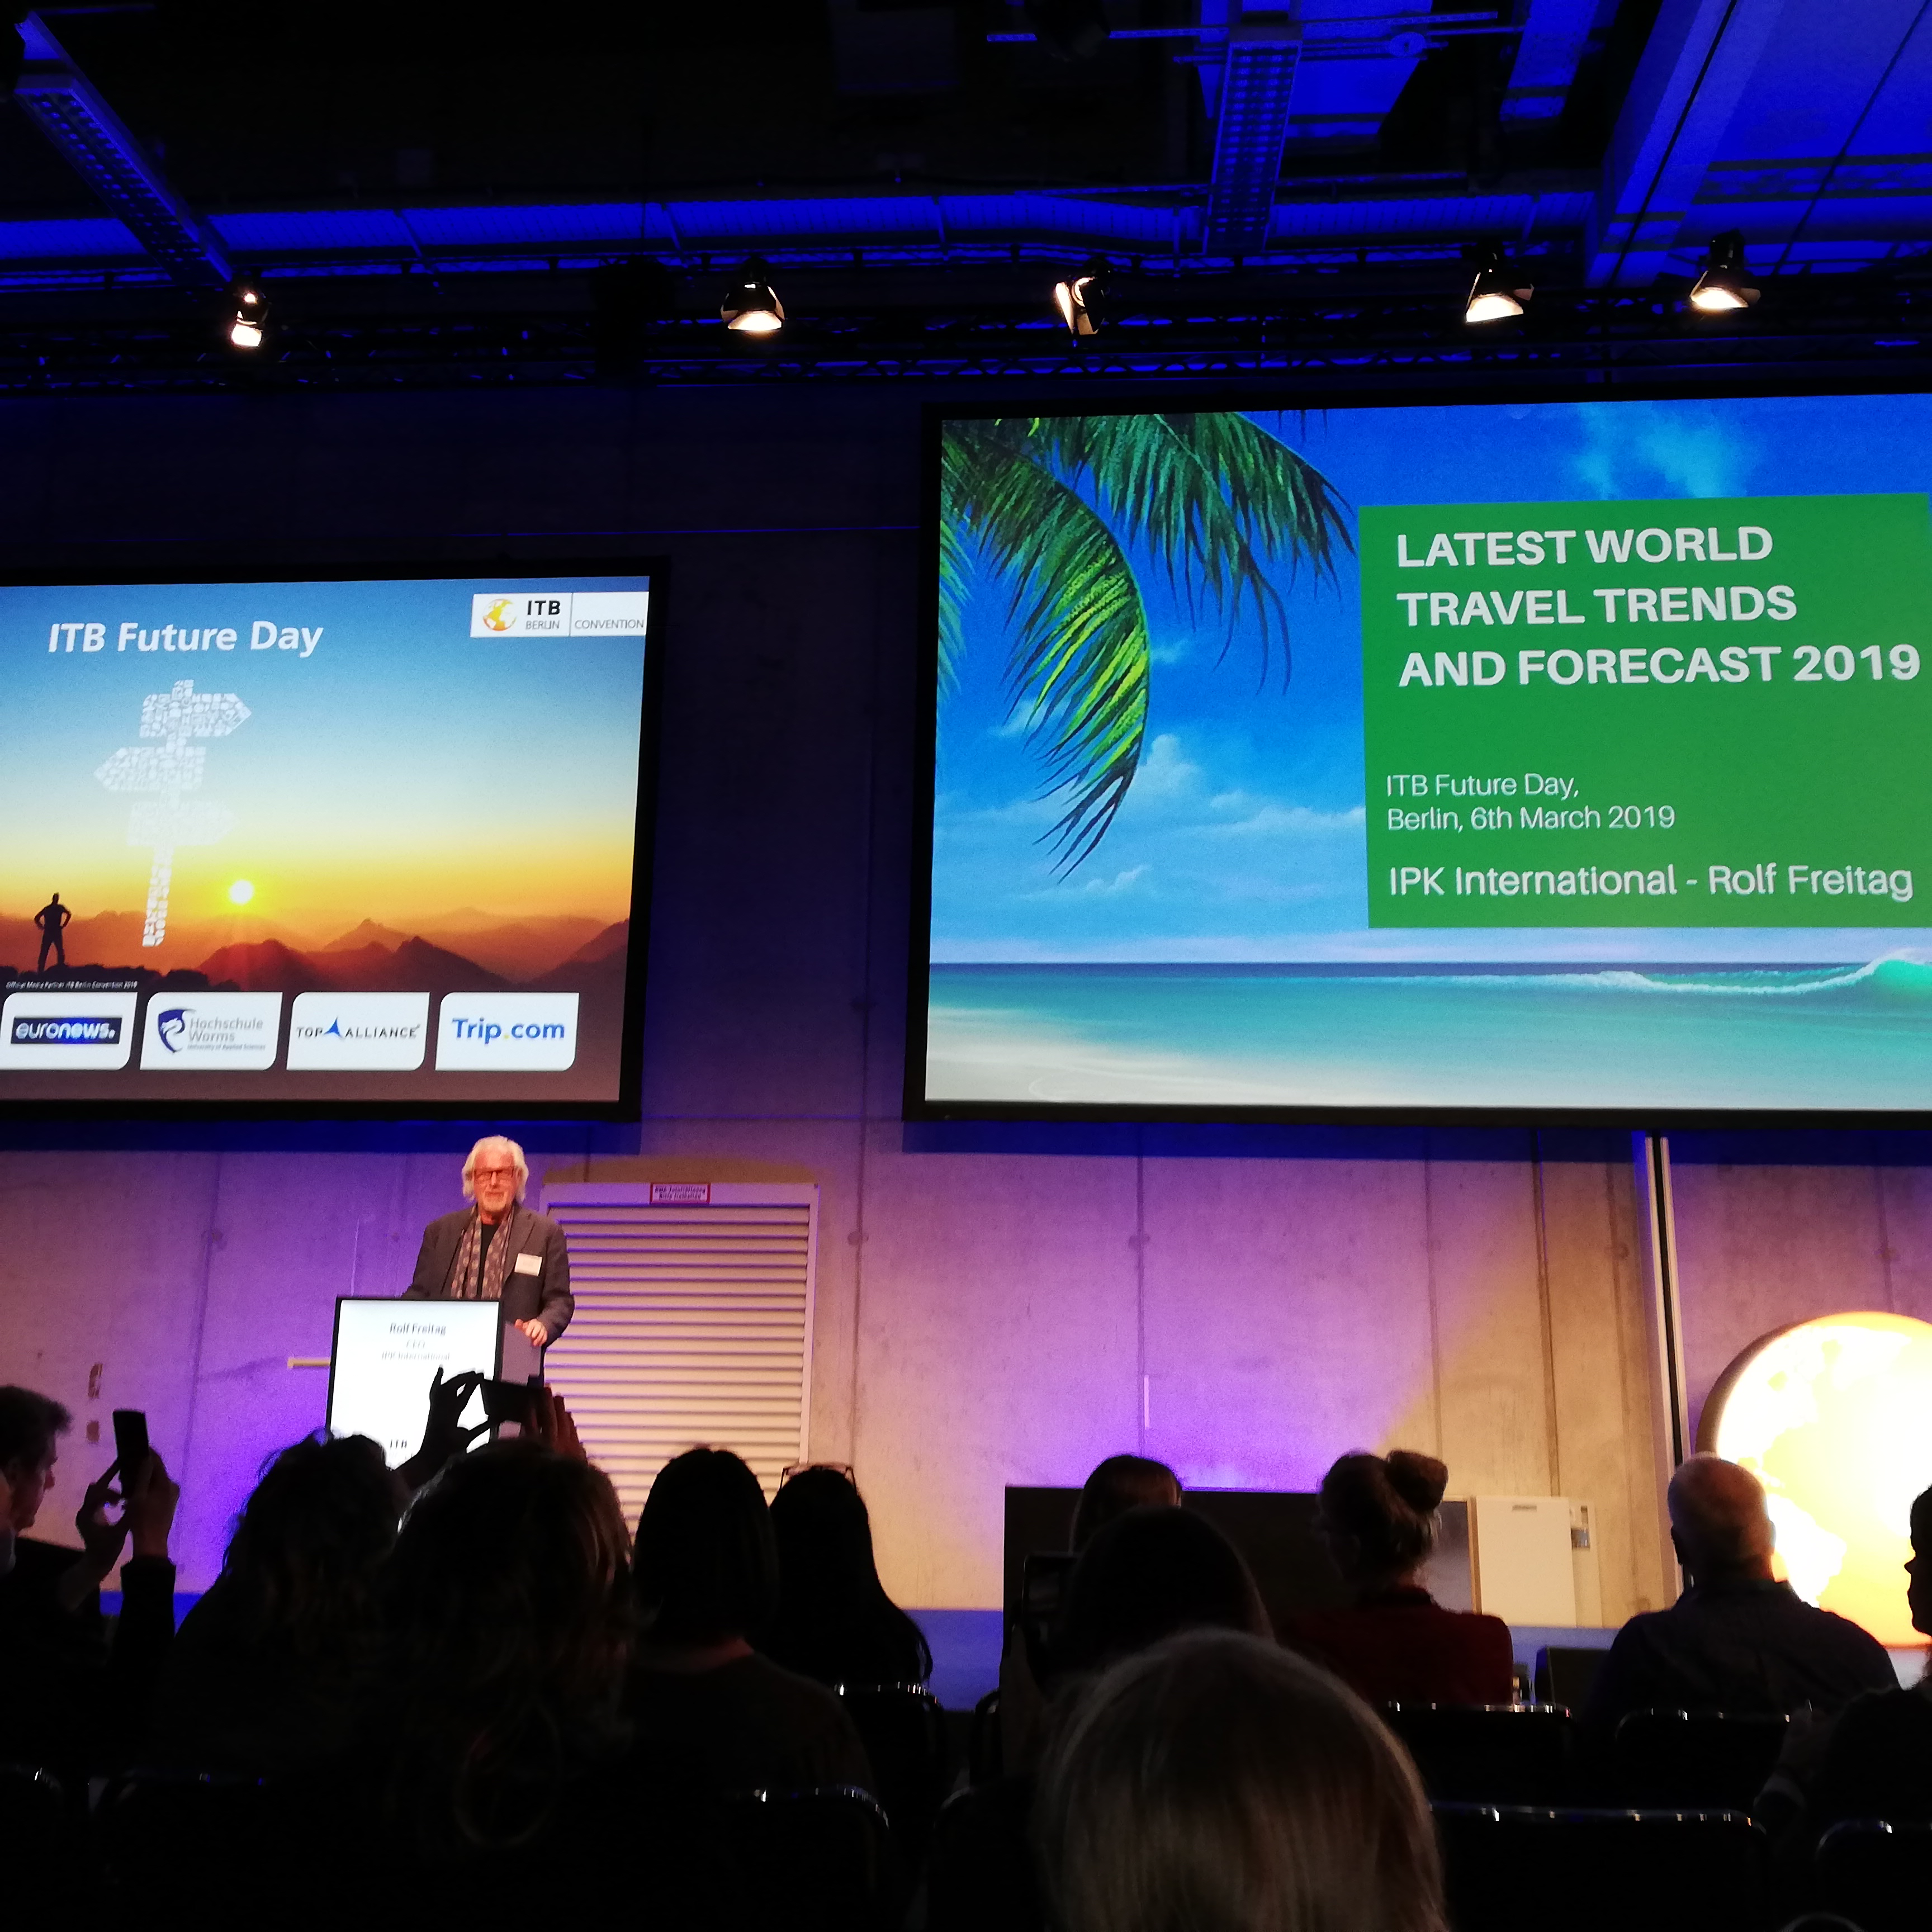 Aktuelle Welt Reisetrend Vorhersage für 2019